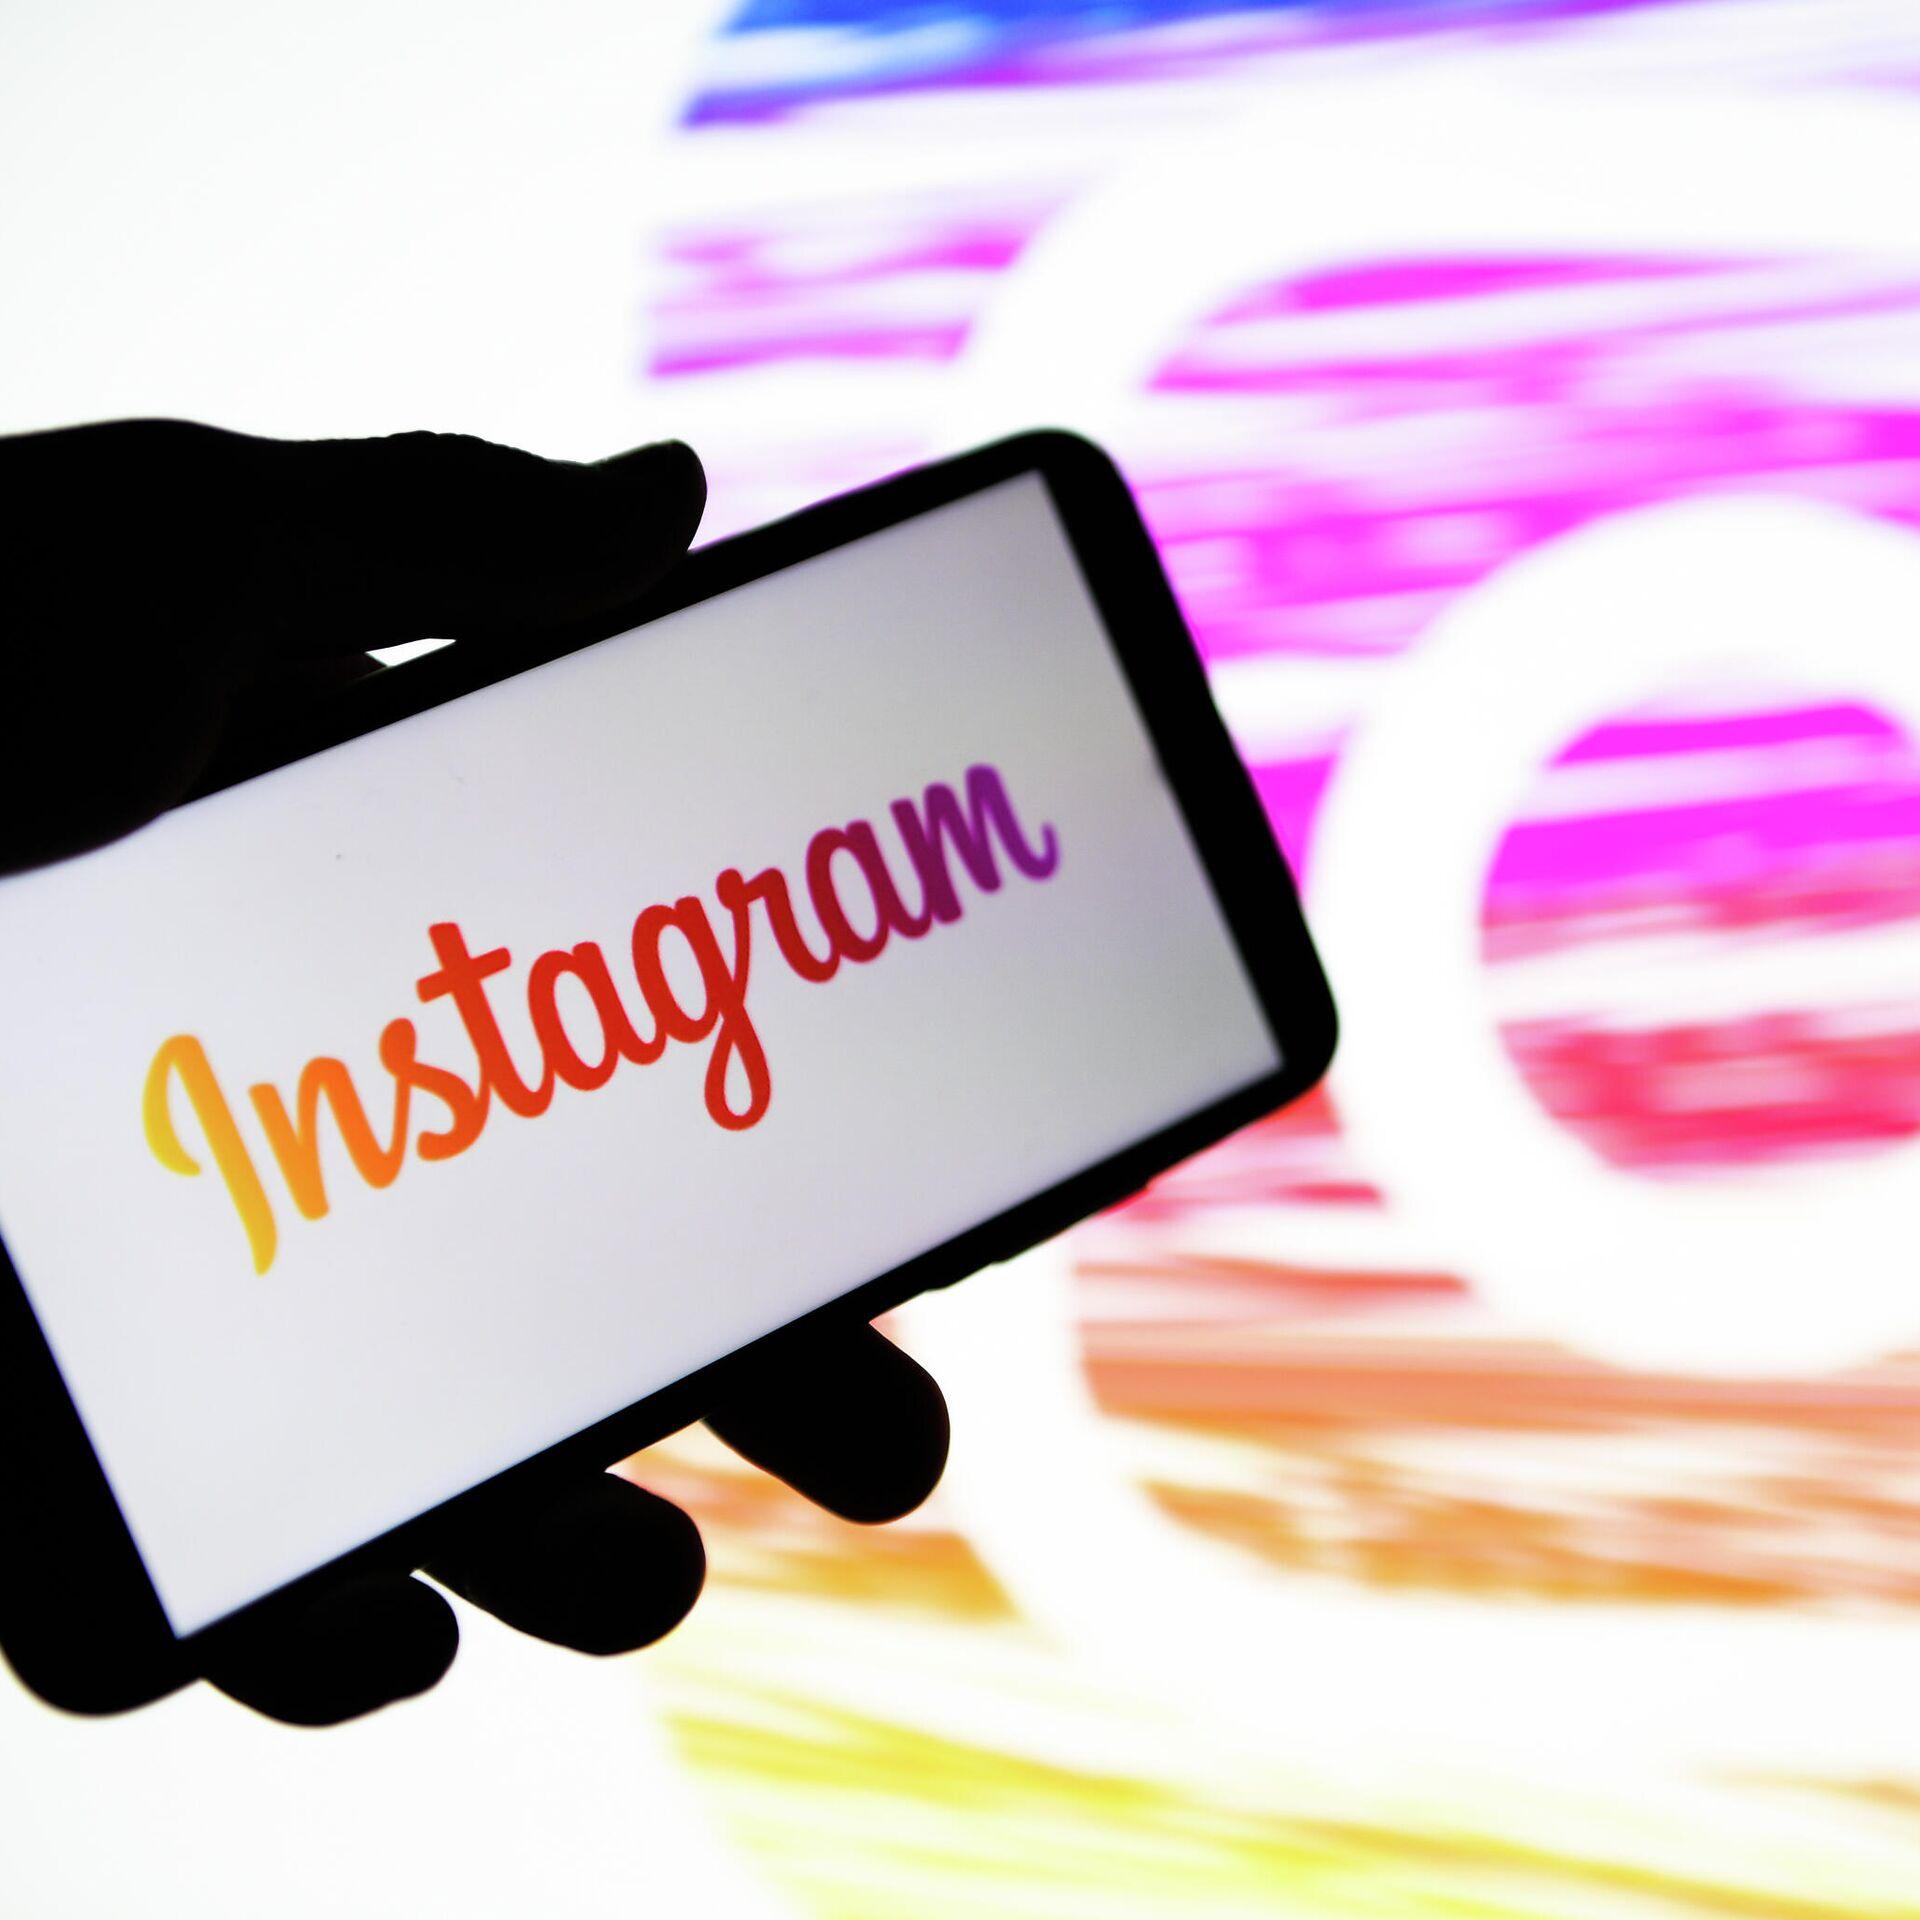 В работе Instagram и Facebook произошел сбой - РИА Новости ...